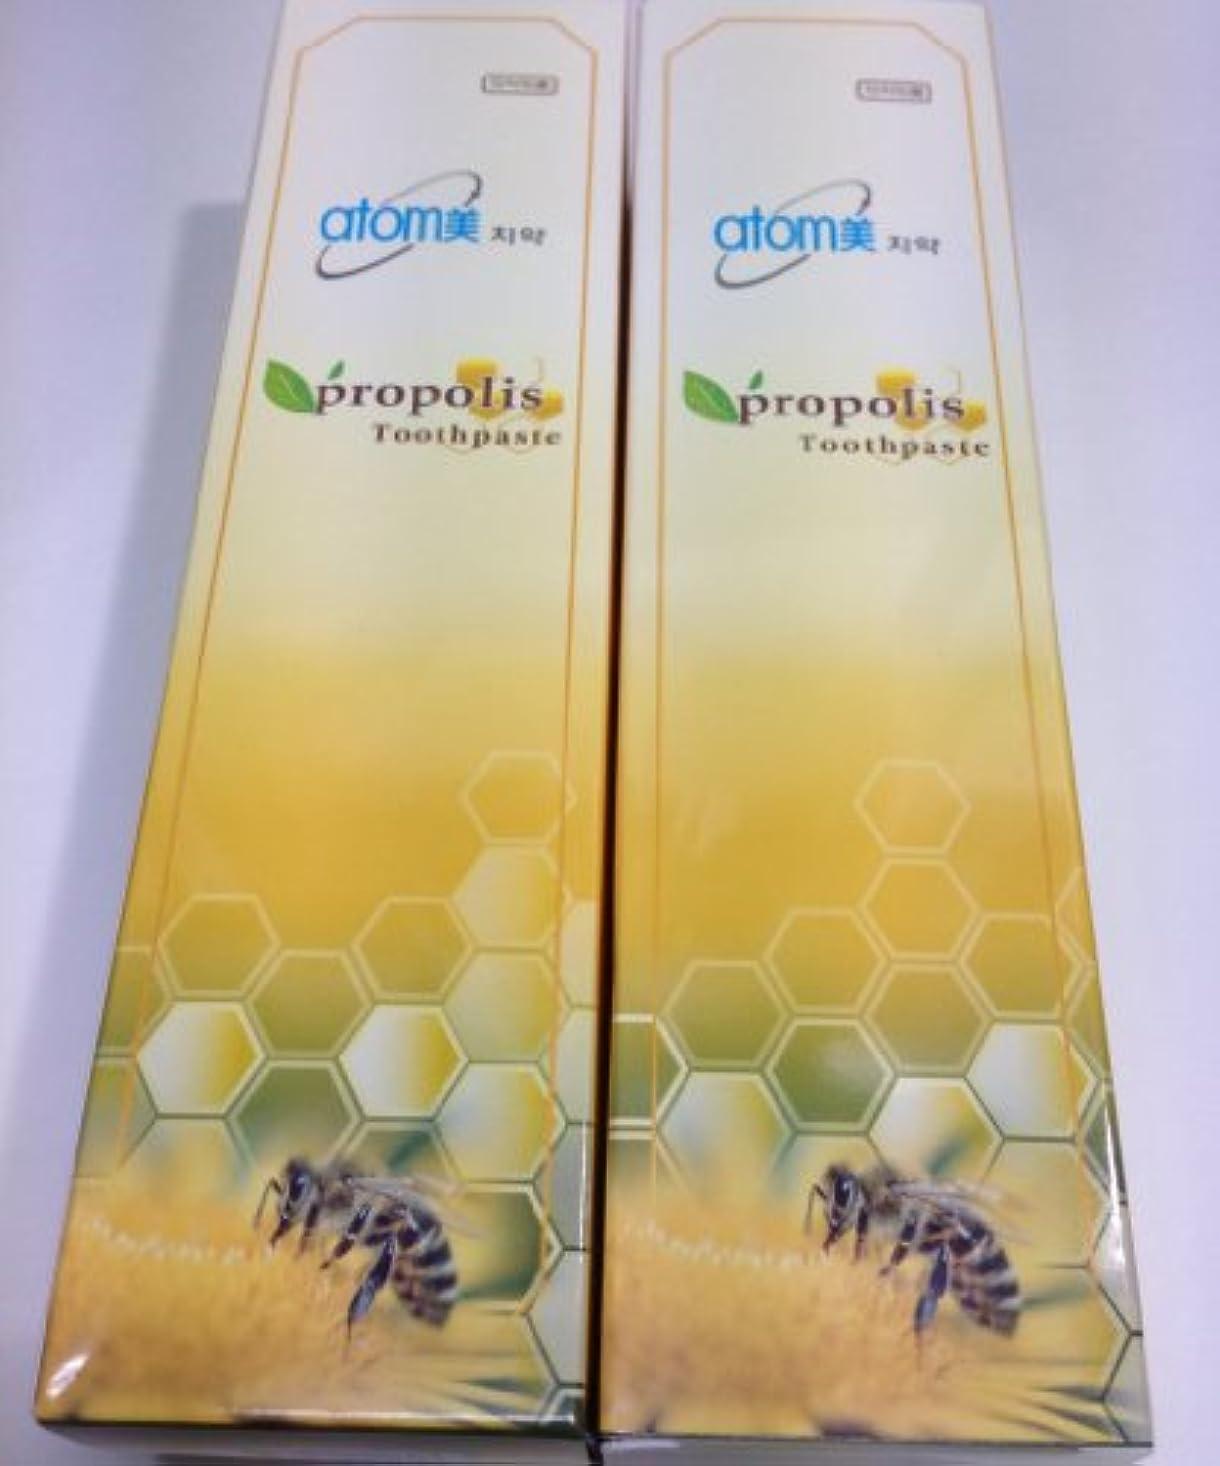 難民白いアマゾンジャングルアトミ化粧品 アトミ 歯ミガキ (歯磨き粉) 200g 2本セット 並行輸入品